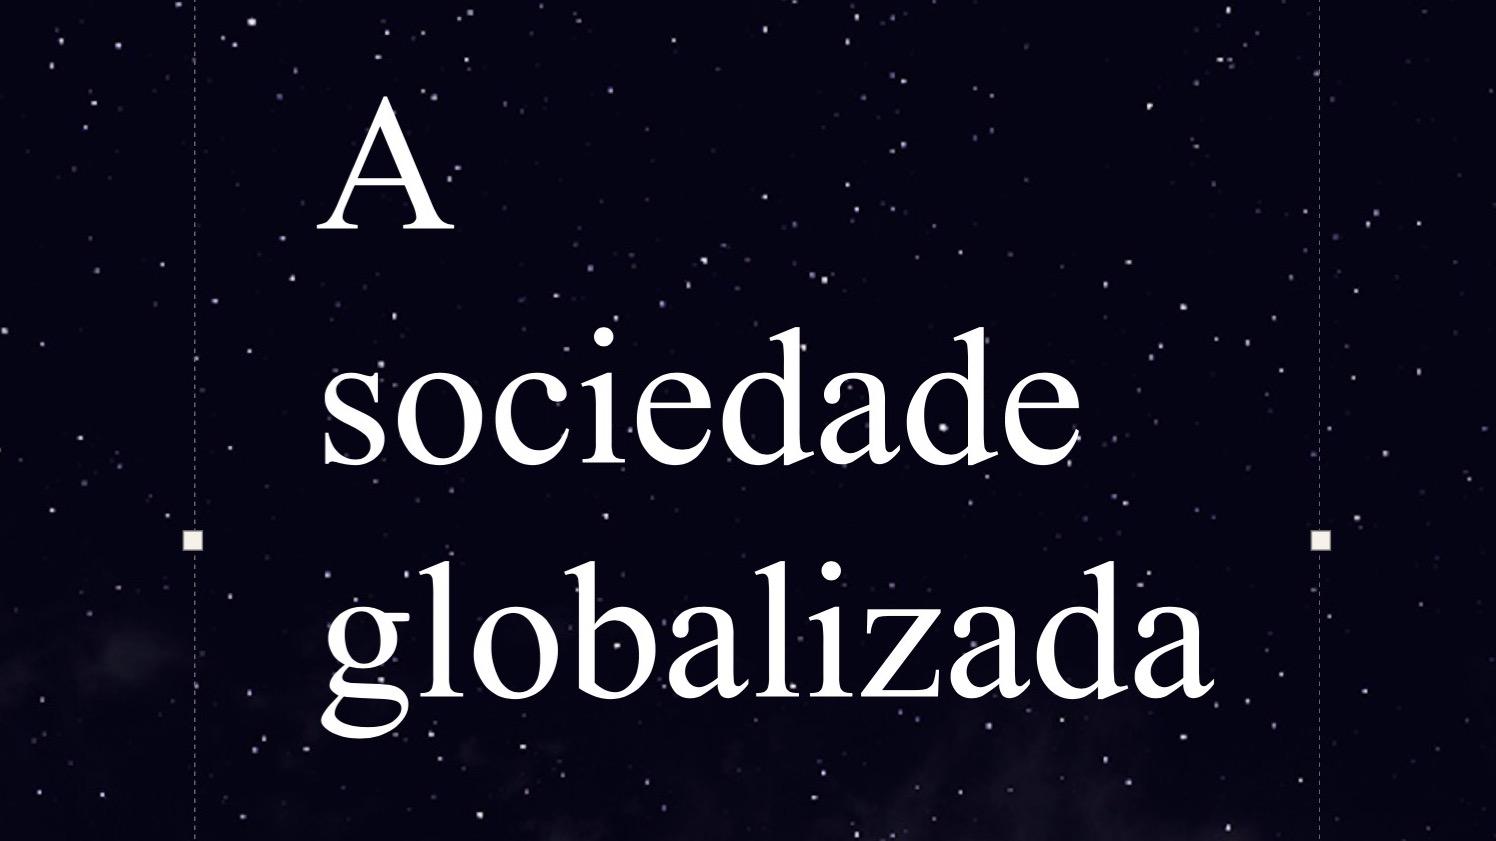 Veja o texto A Sociedade Globalizada